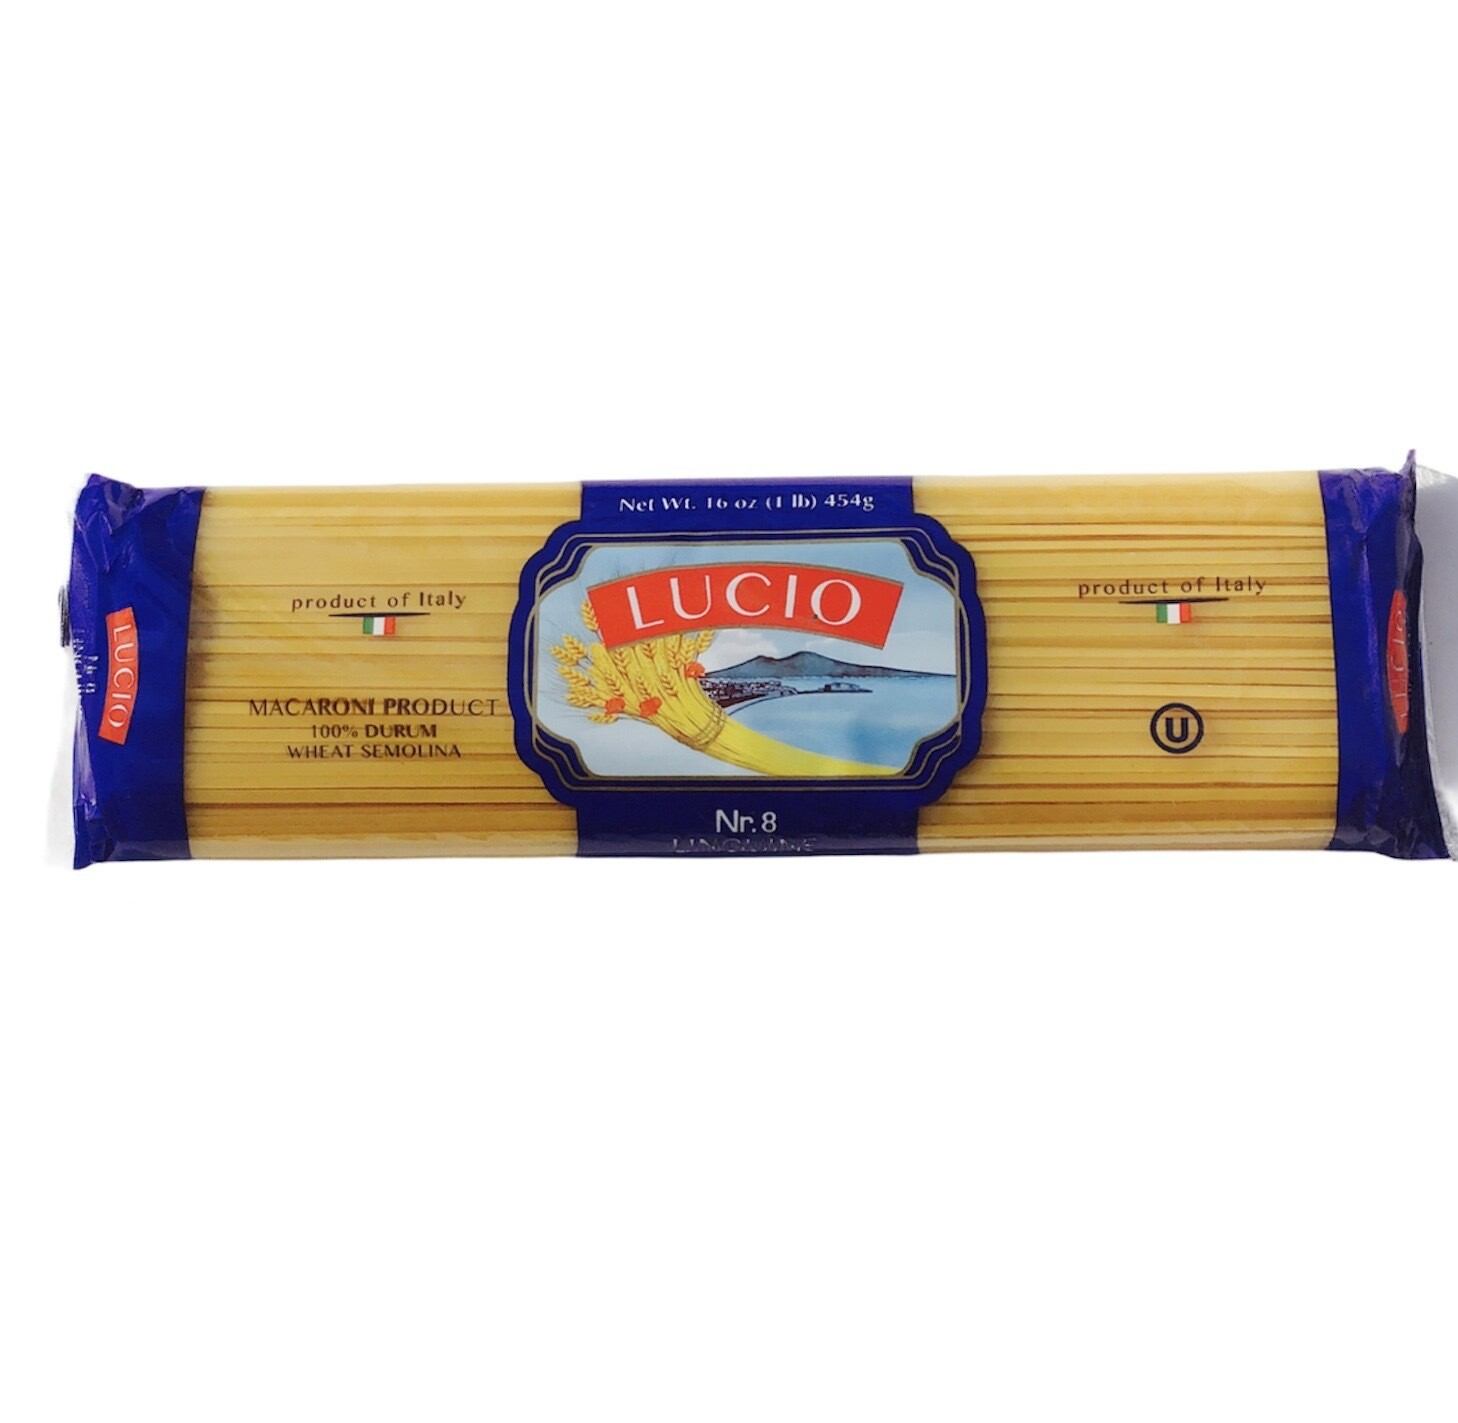 Lucio Linguette #8 Pasta